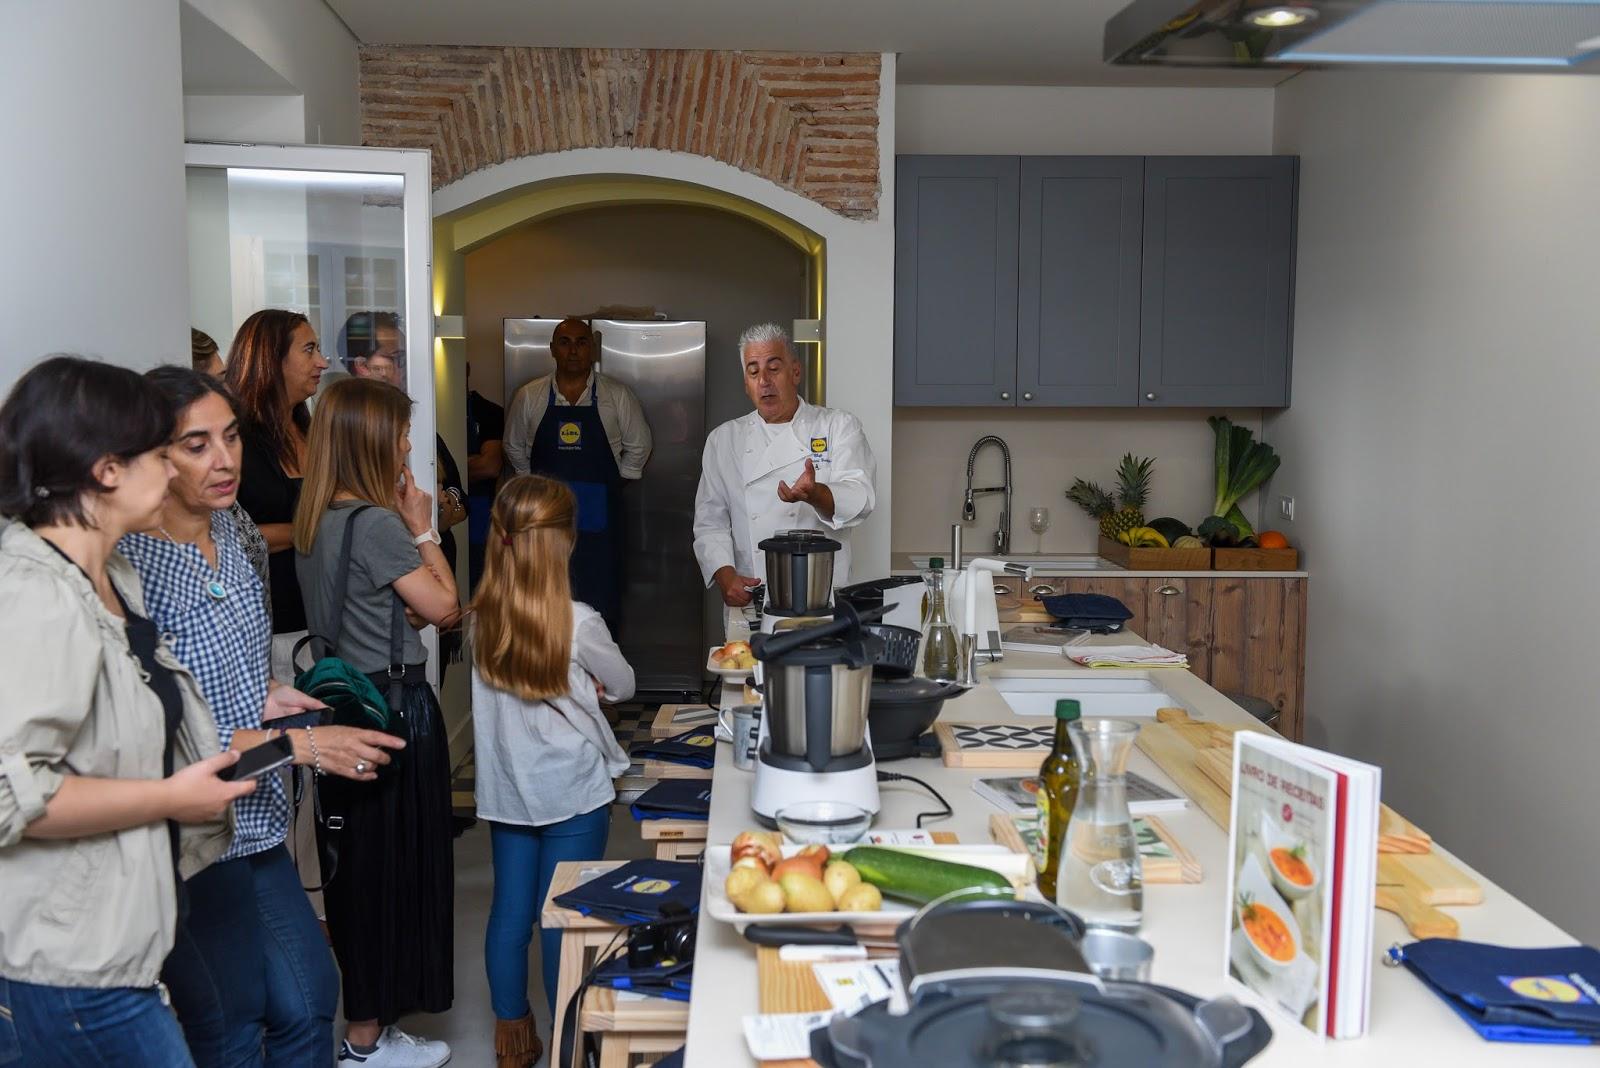 monsieur cuisine o novo robot de cozinha do lidl o barriguinhas. Black Bedroom Furniture Sets. Home Design Ideas